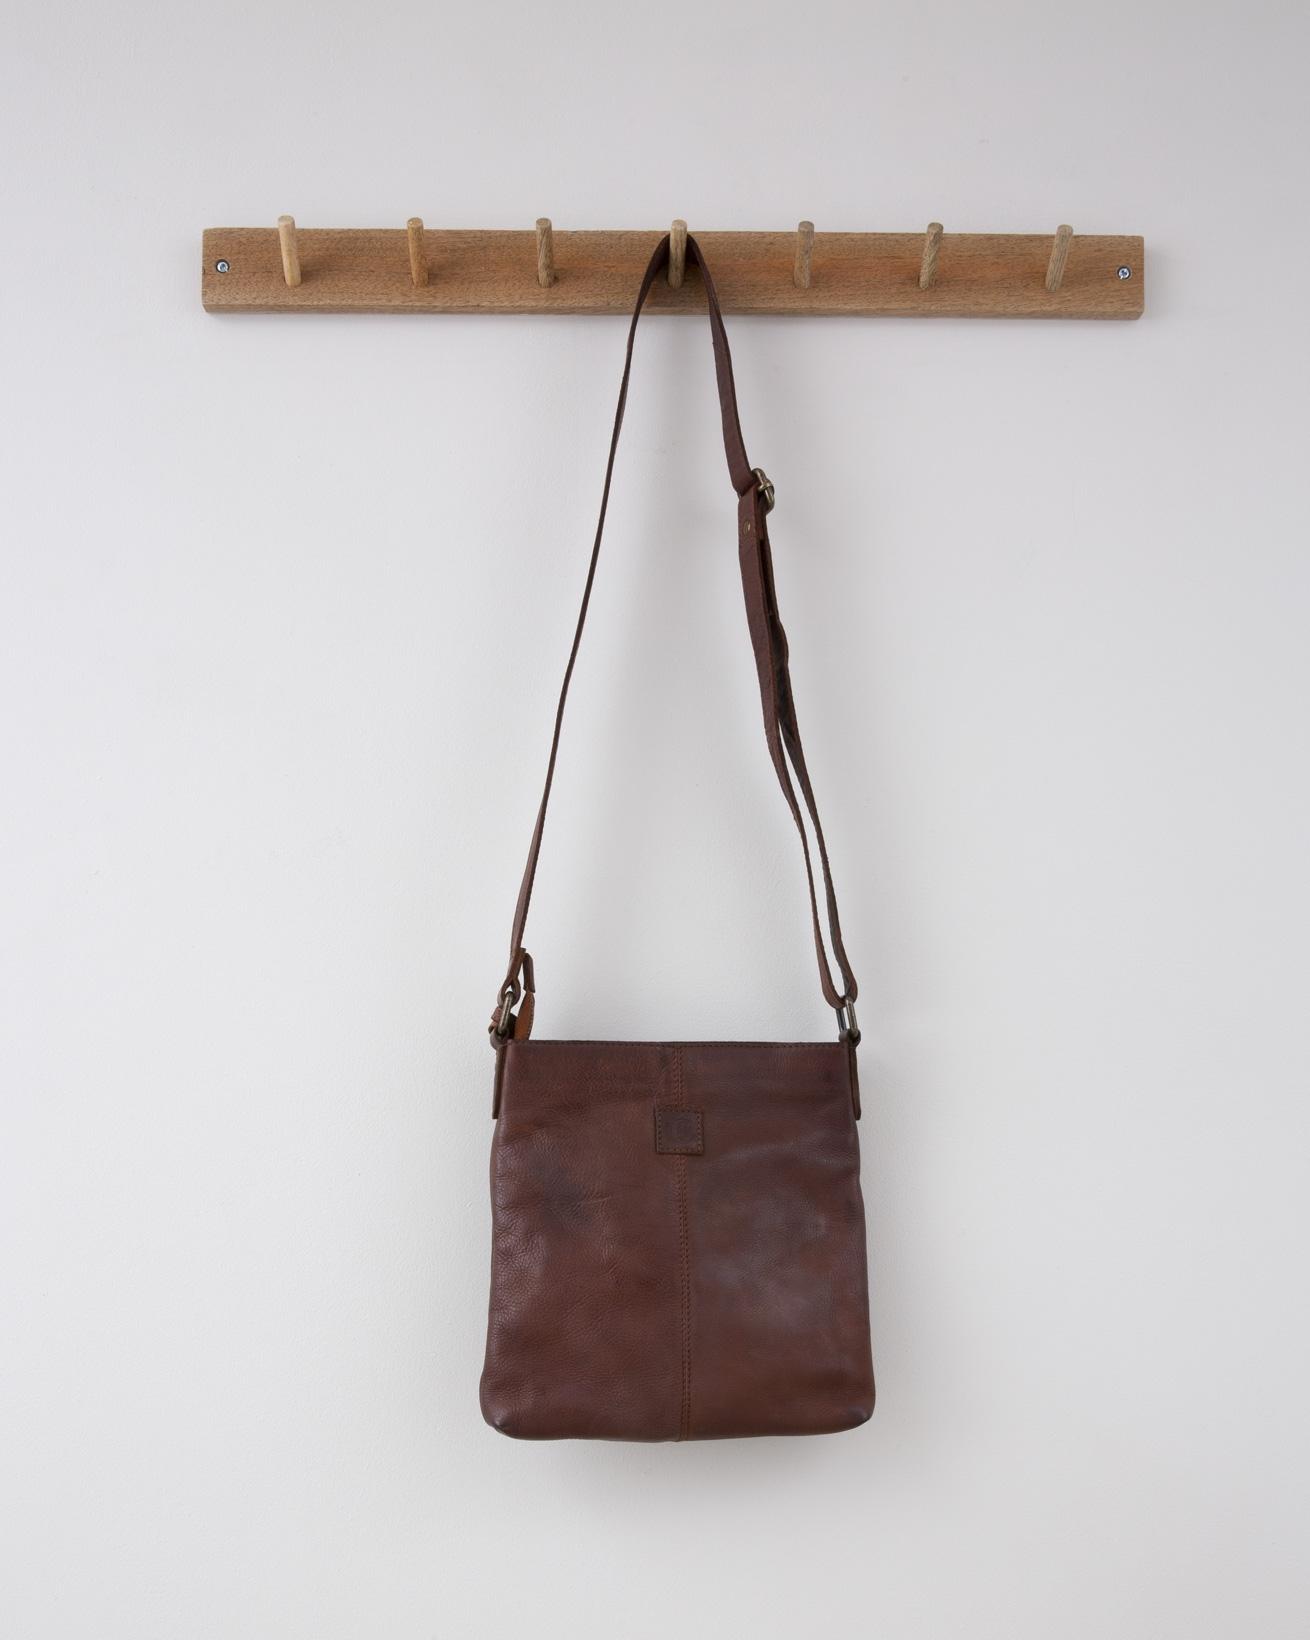 Zip up Slouch Cross Body Bag w/clip detail - 24cm x 25cm - Antique Cognac - 1298